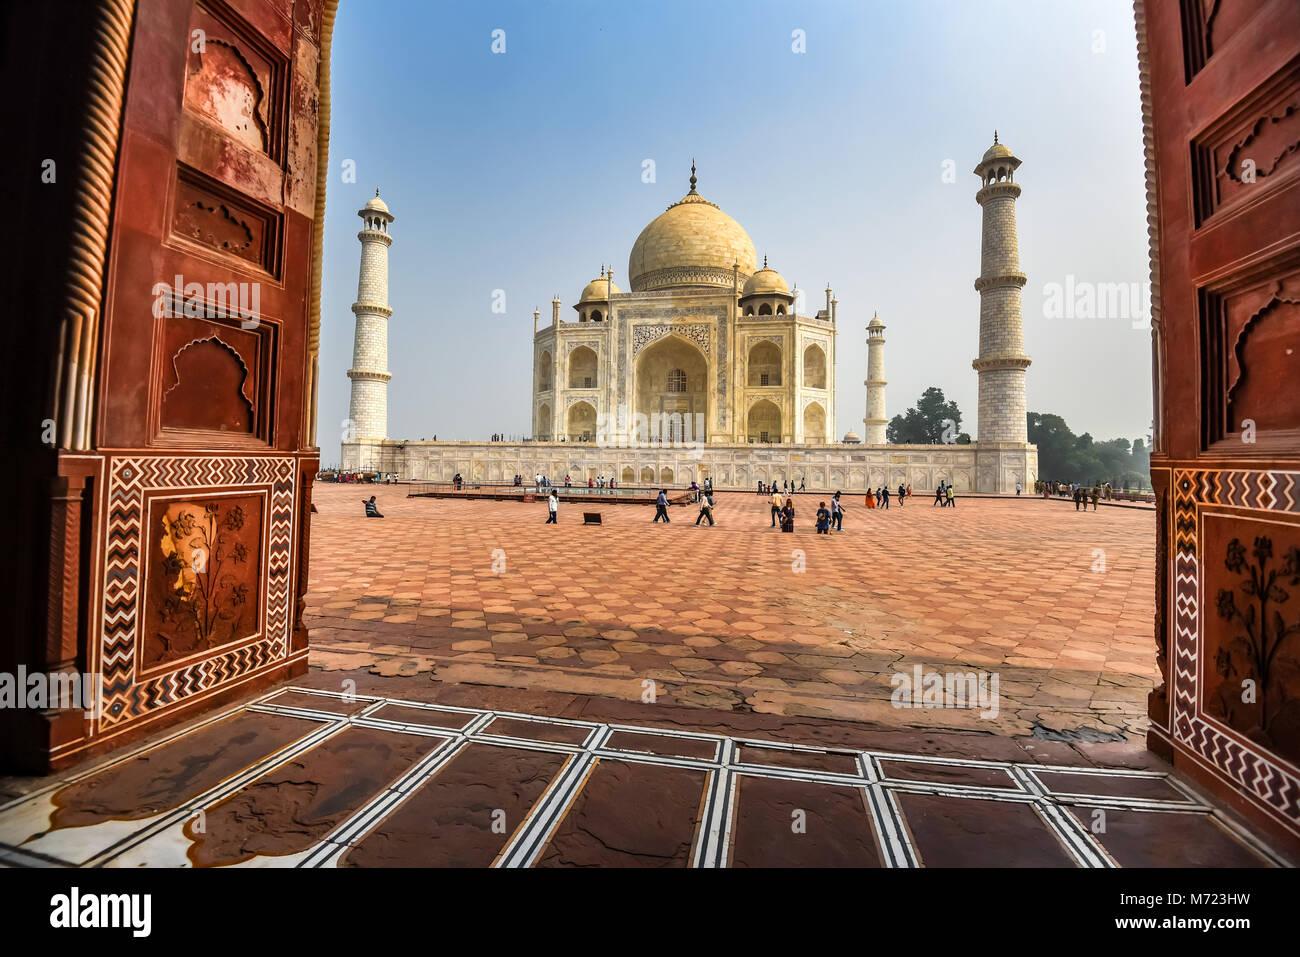 AGRA, INDE - Novembre 8, 2017: Taj Mahal vue panoramique à partir de la mosquée à Agra, Inde. Photo Stock